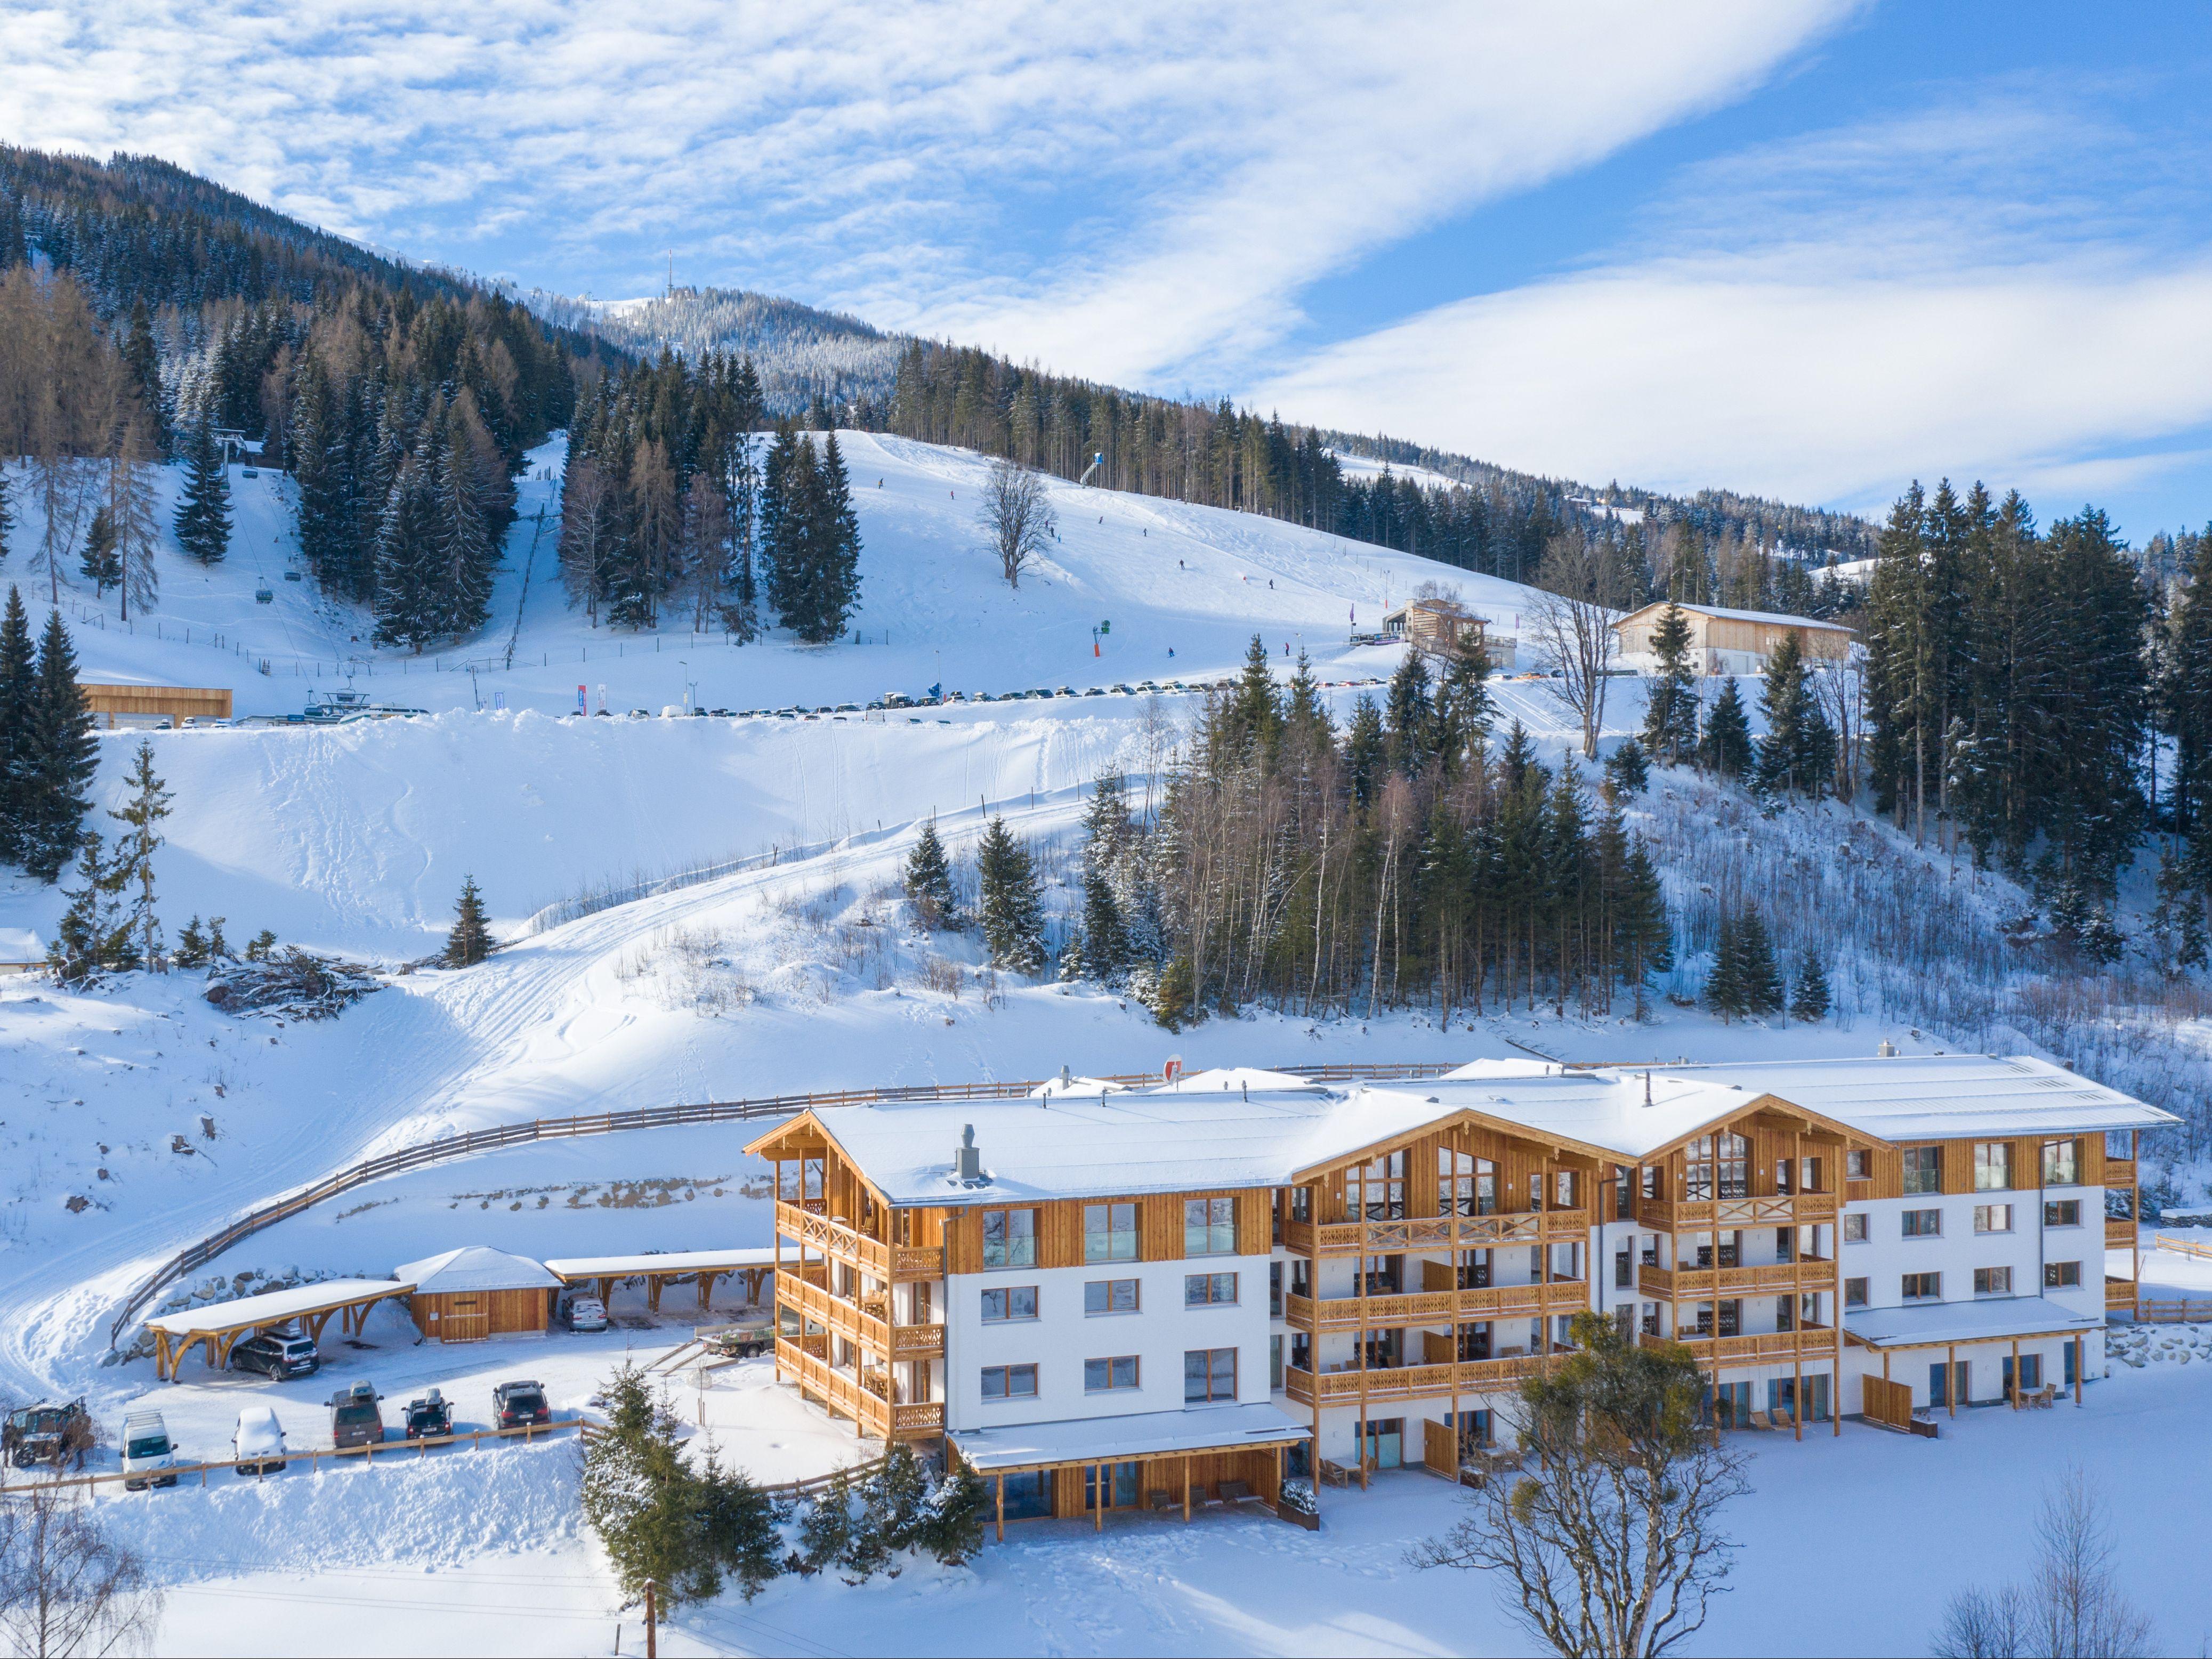 Appartement Skylodge Alpine Homes type III, zondag t/m zondag - 4-6 personen